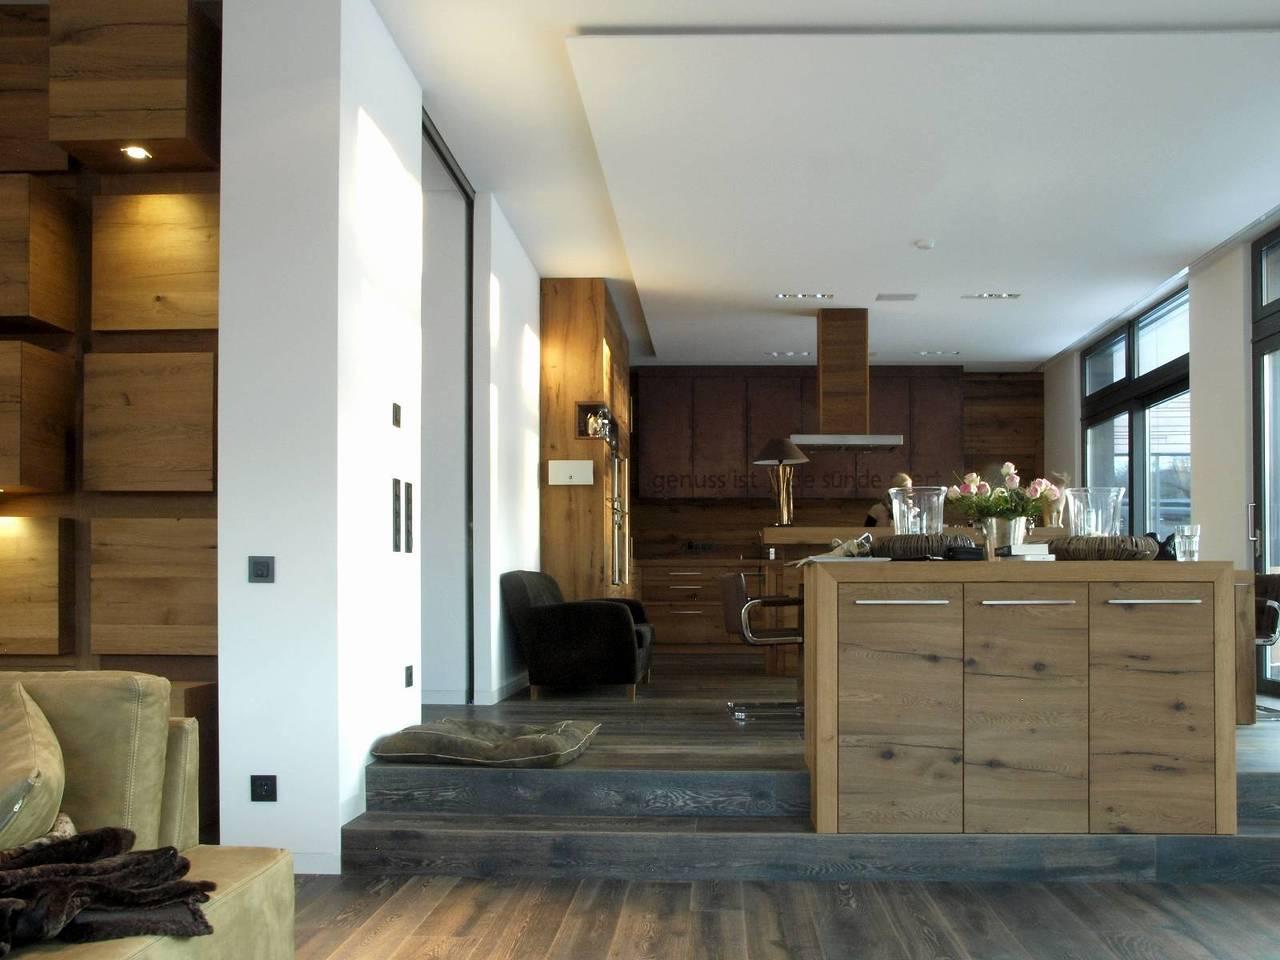 raumbau_Küchenfronten